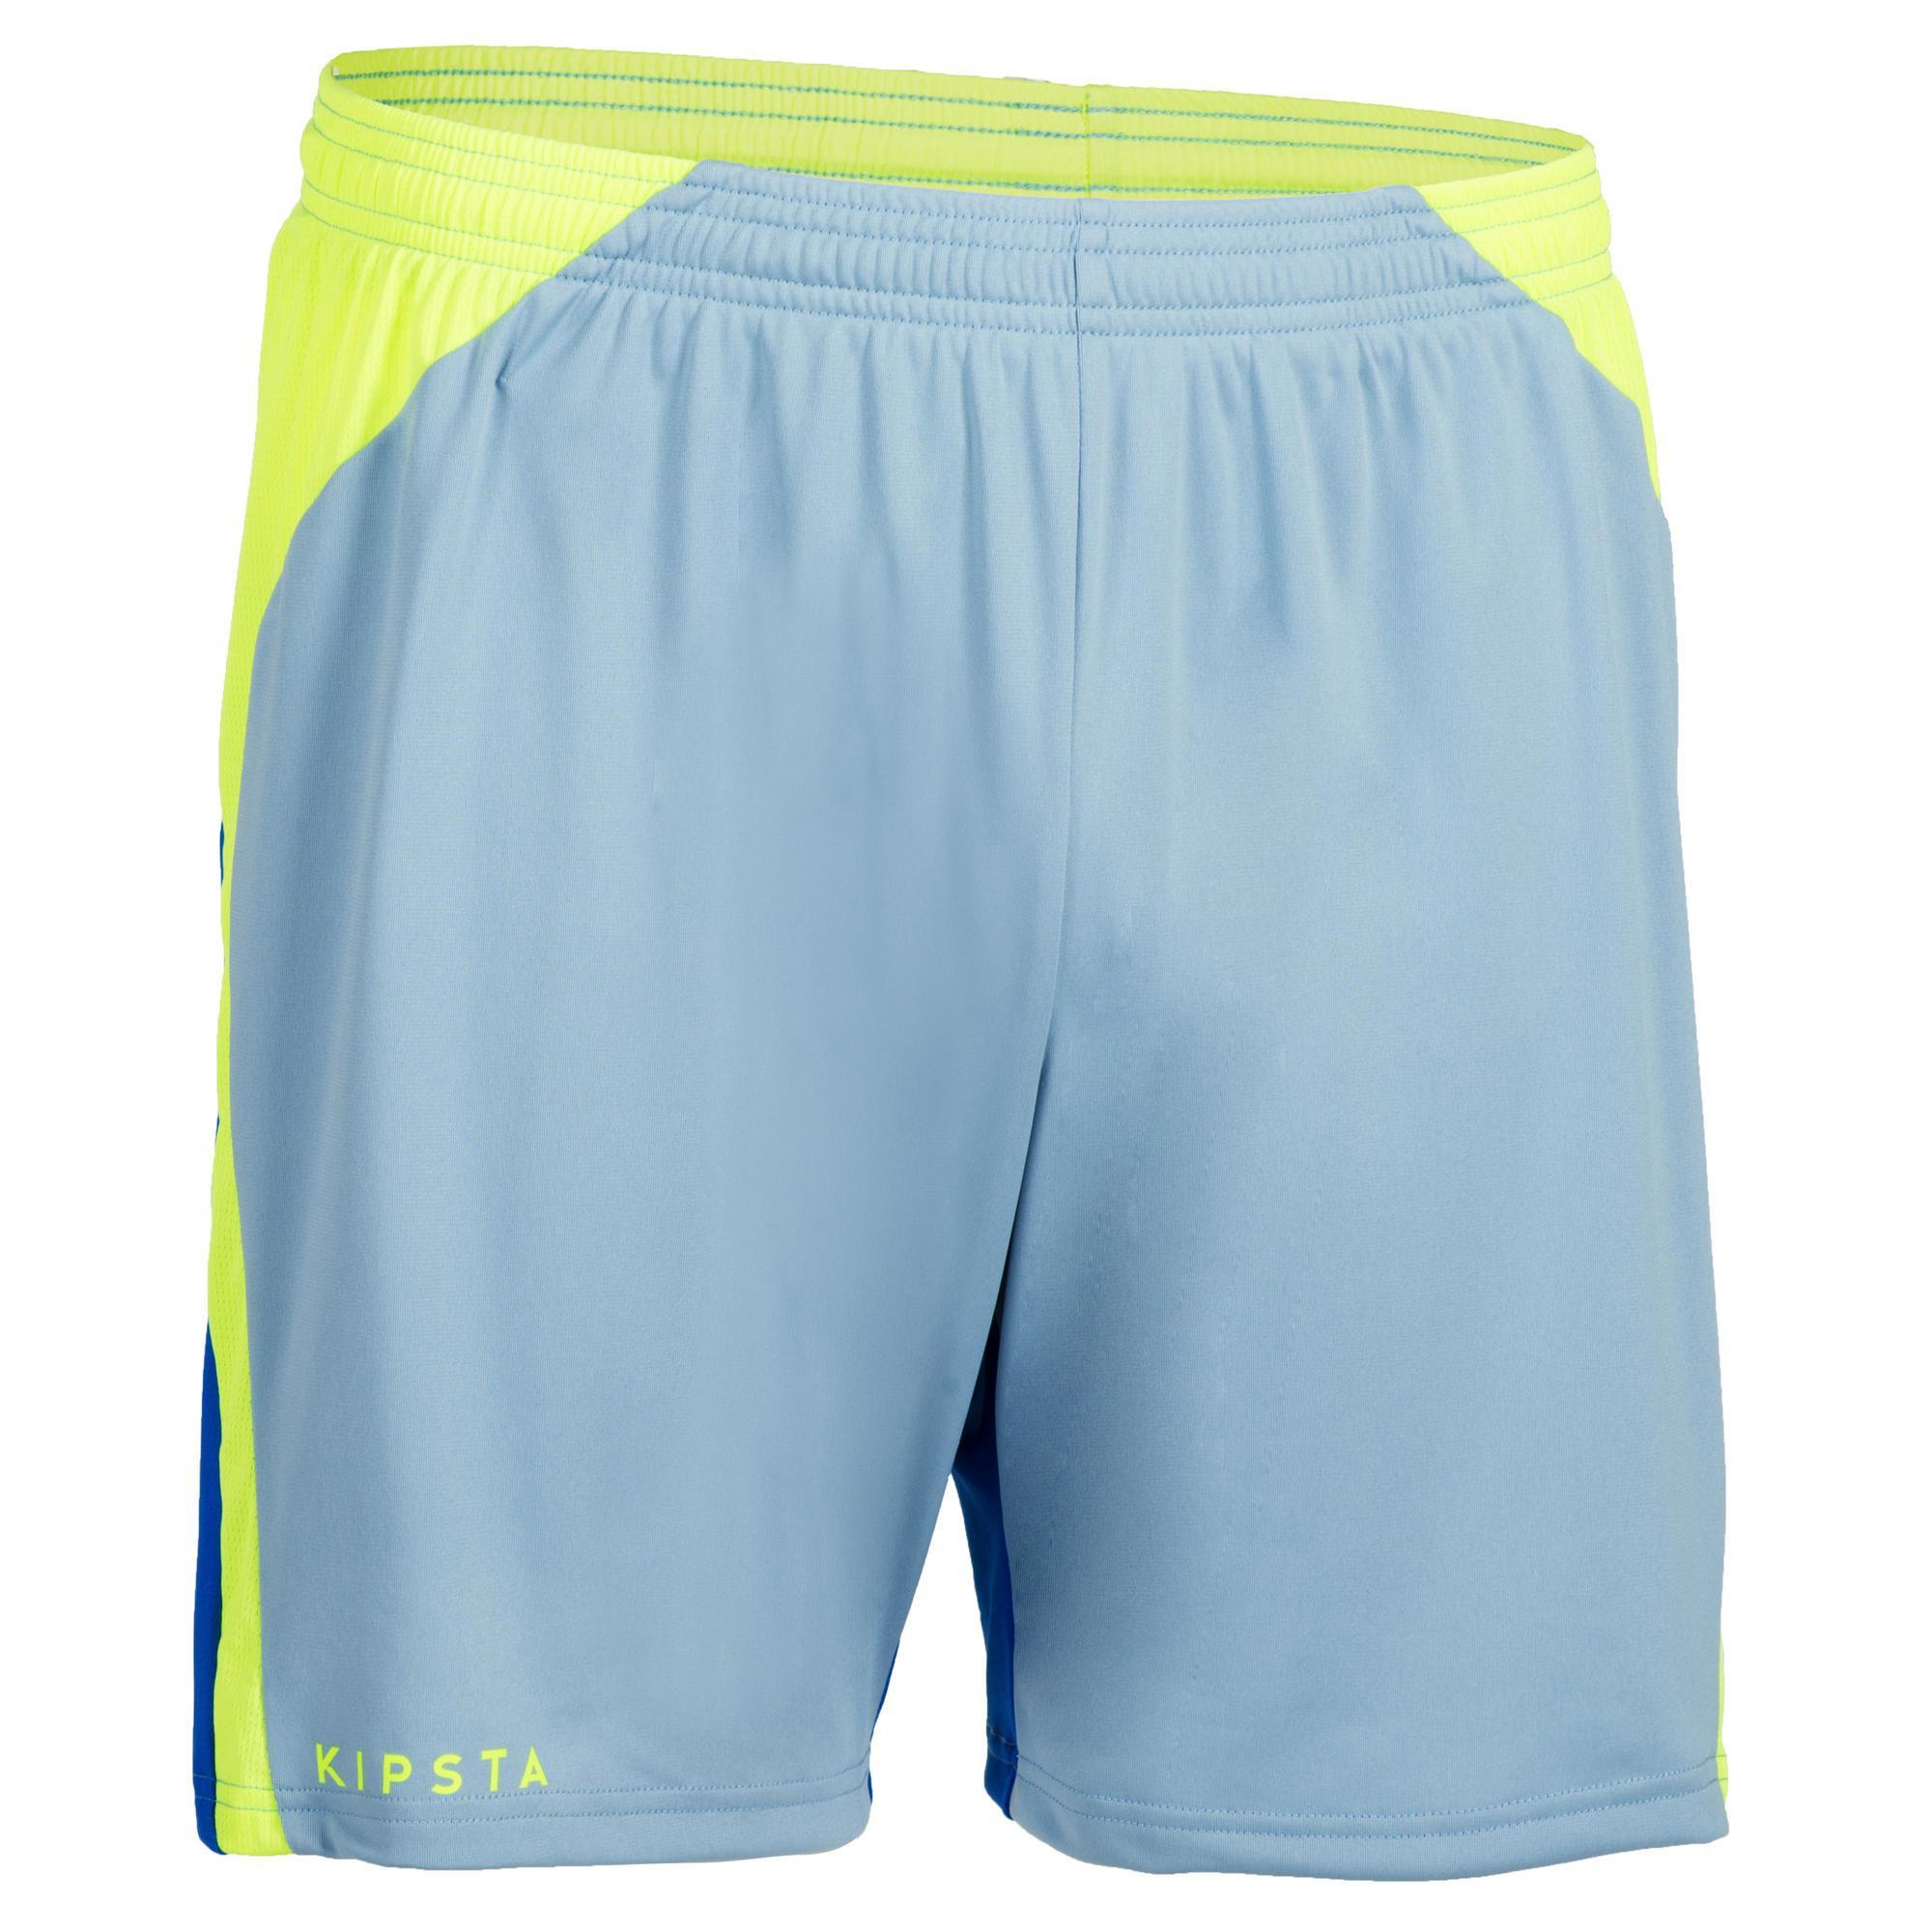 Kipsta Volleybalbroekje heren V500 blauw/geel